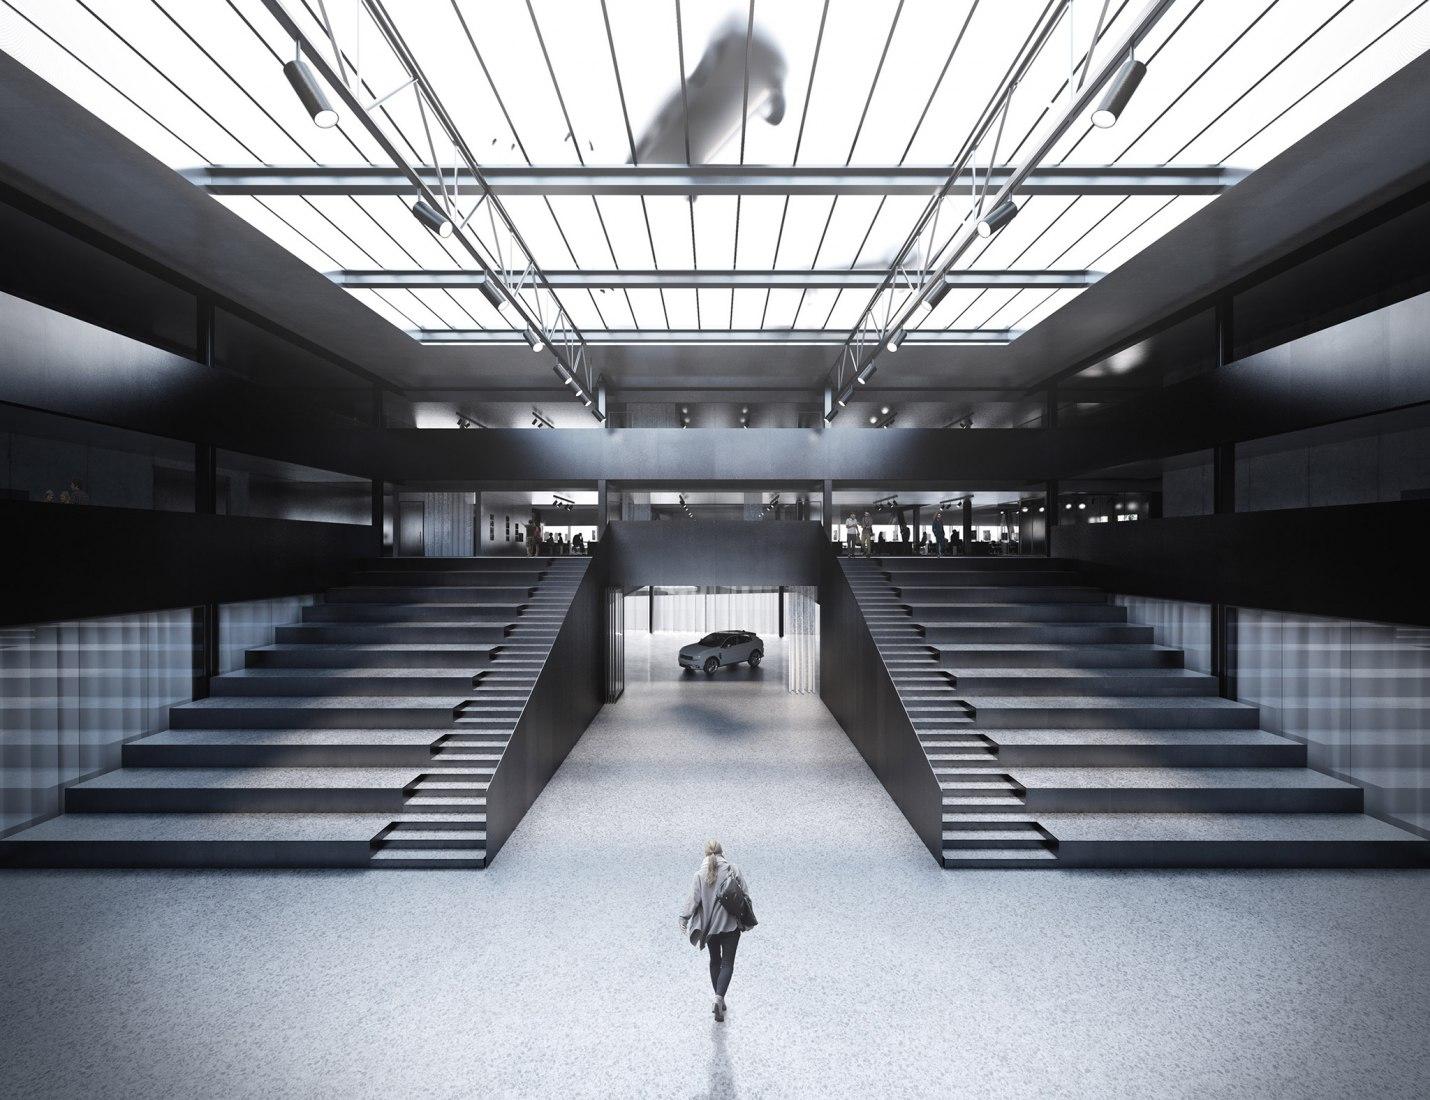 Visualización. Nuevo centro de diseño para Geely por Cobe